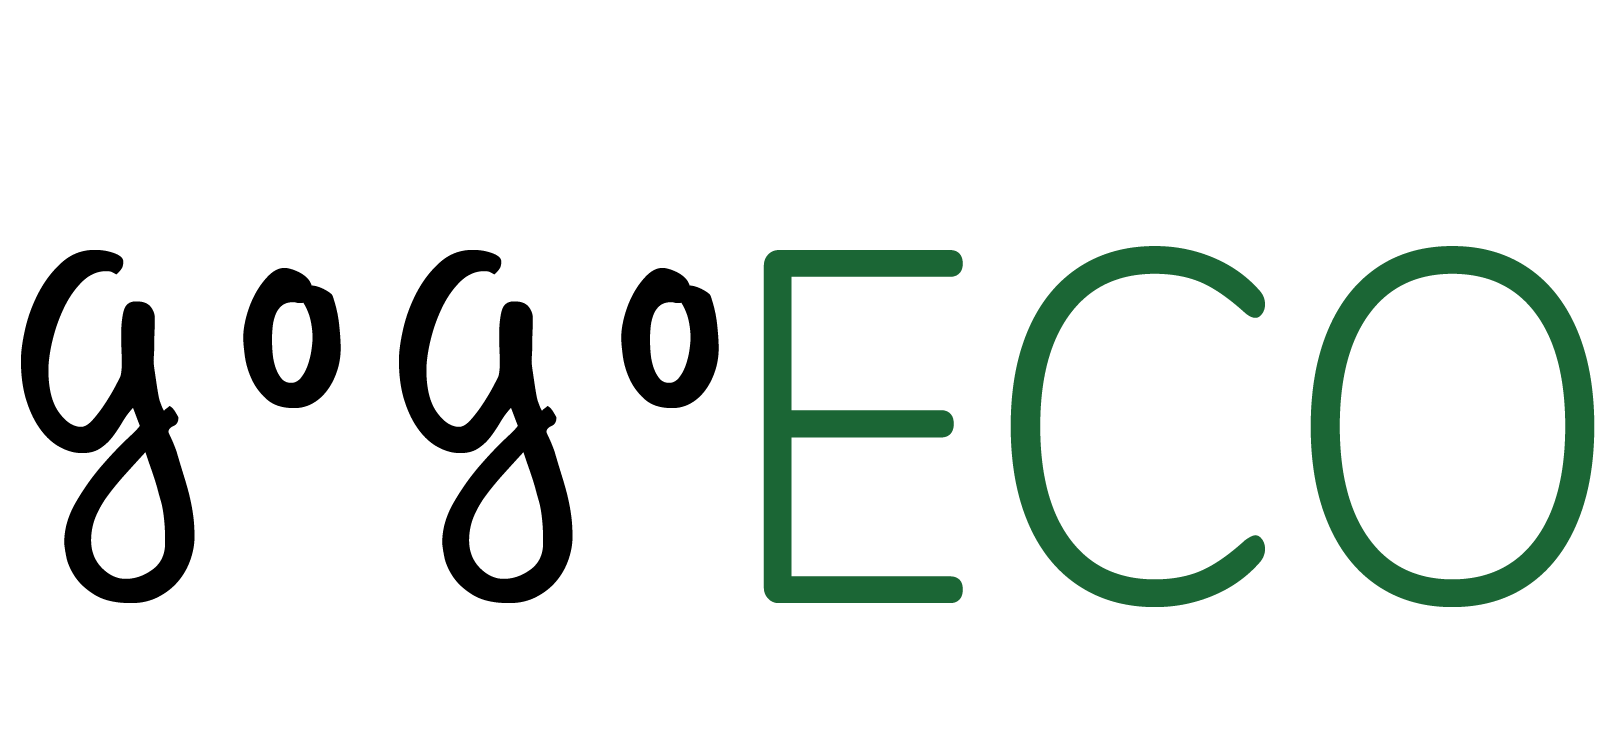 gogoECO